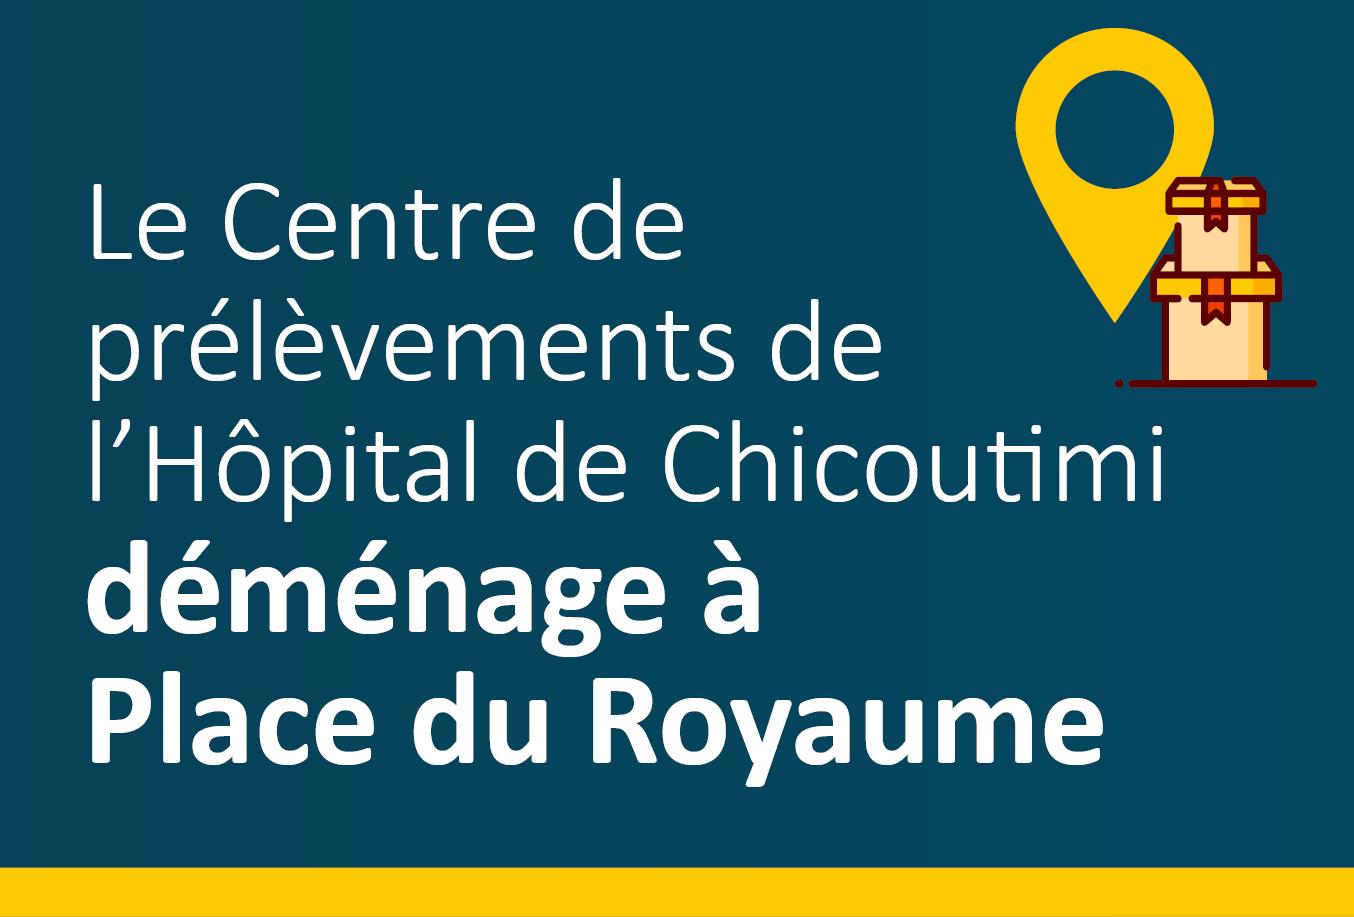 Le Centre de prélèvements de l'Hôpital de Chicoutimi déménage à Place du Royaume!